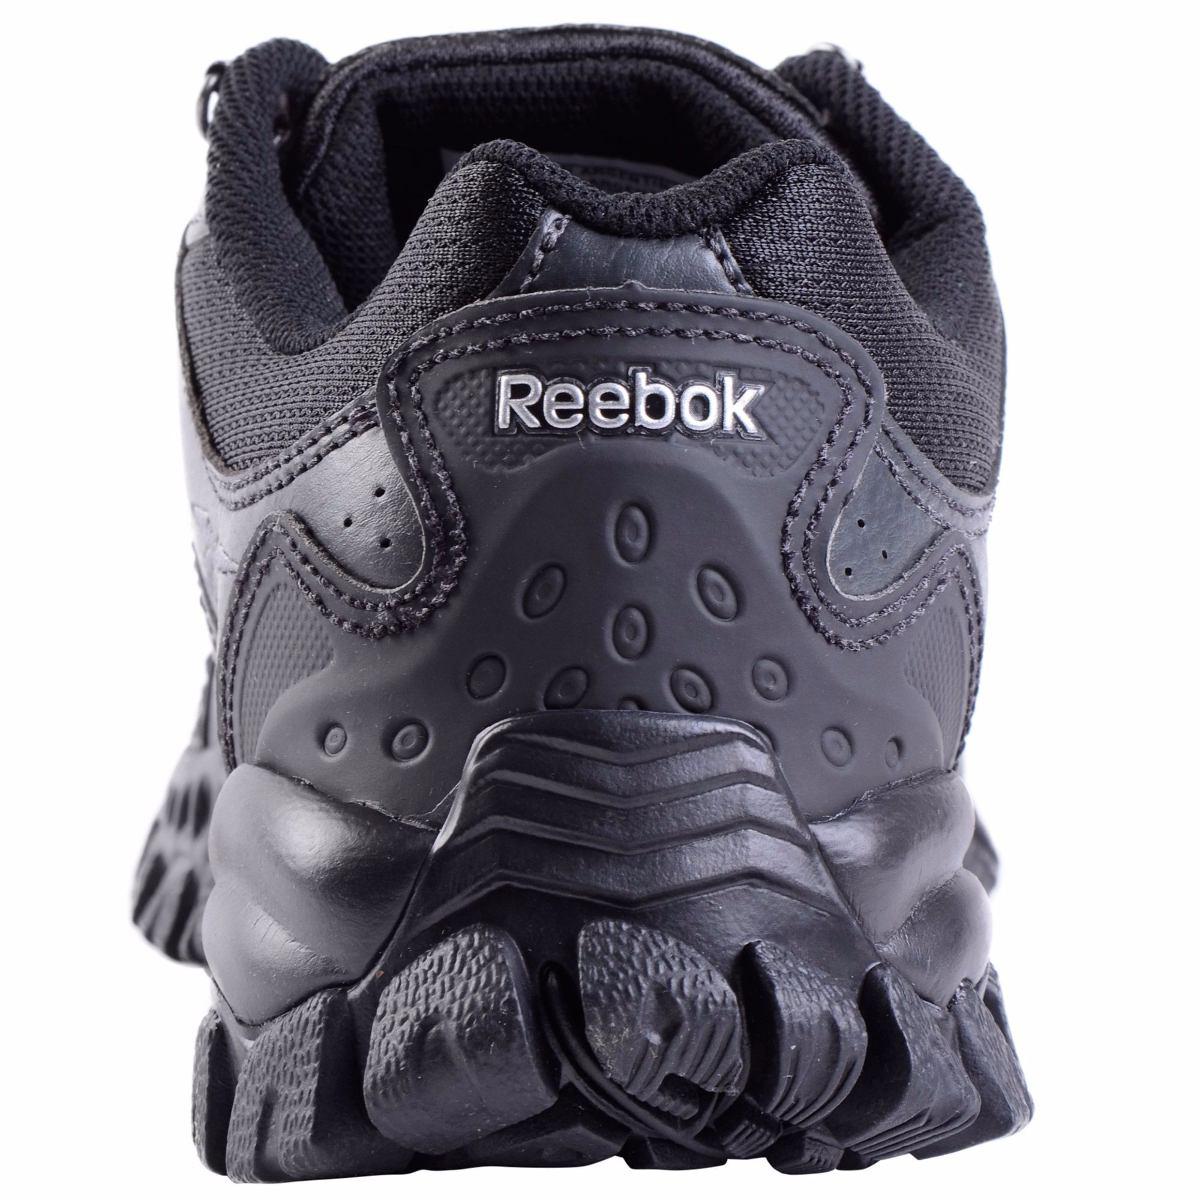 8704135f5 zapatillas reebok outdoor adv kamp laminado negro. Cargando zoom.